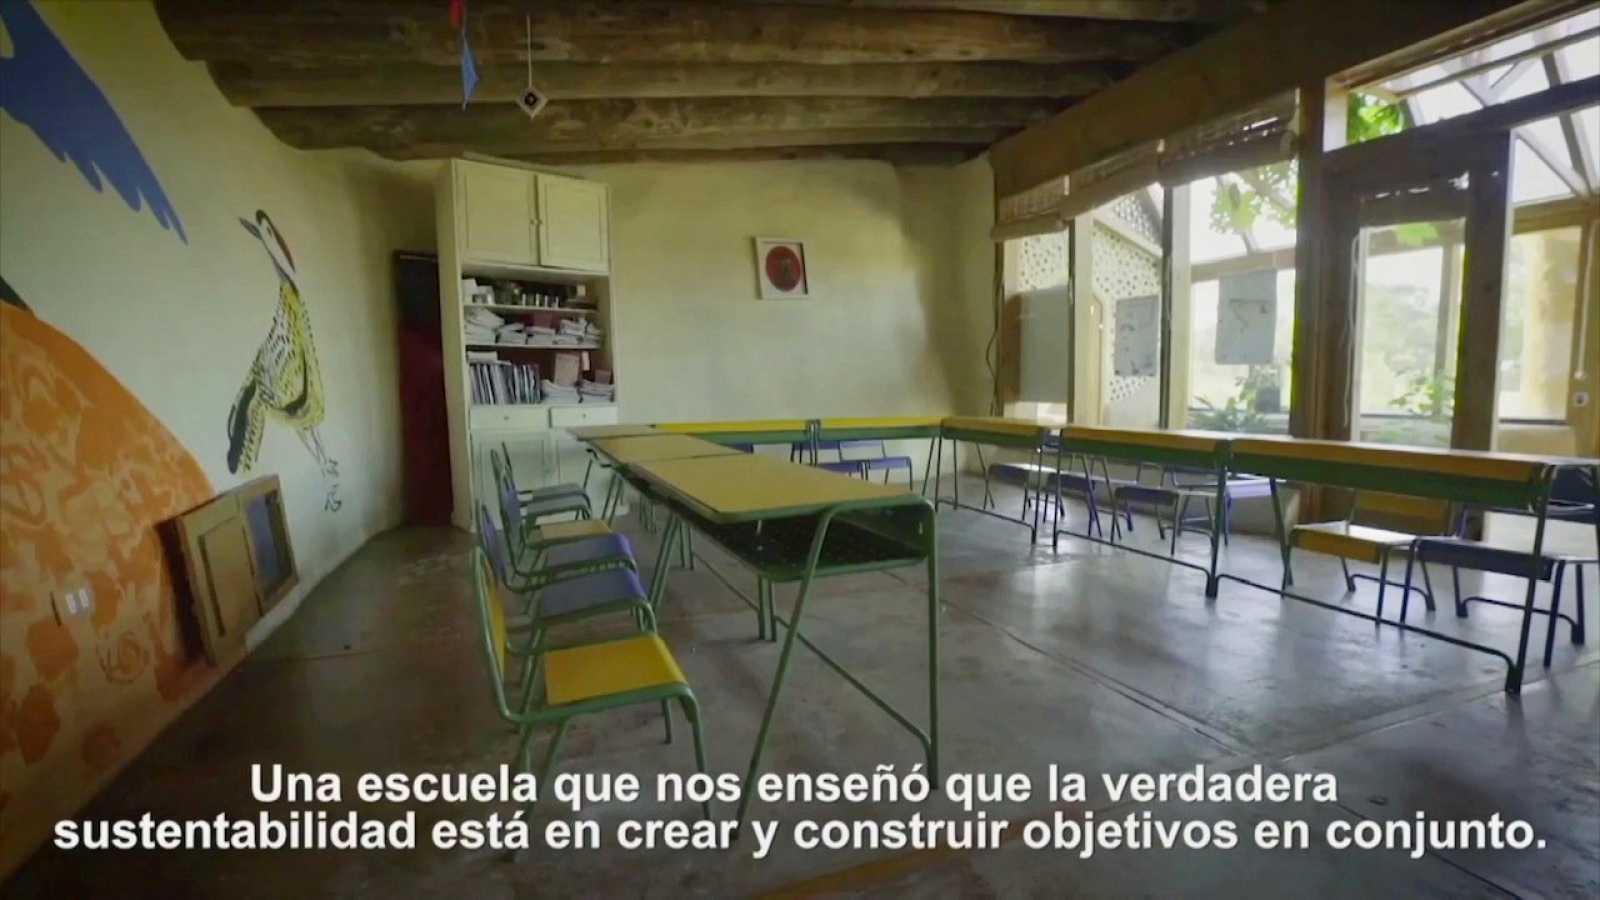 Escuelas sostenibles en Latinoamérica